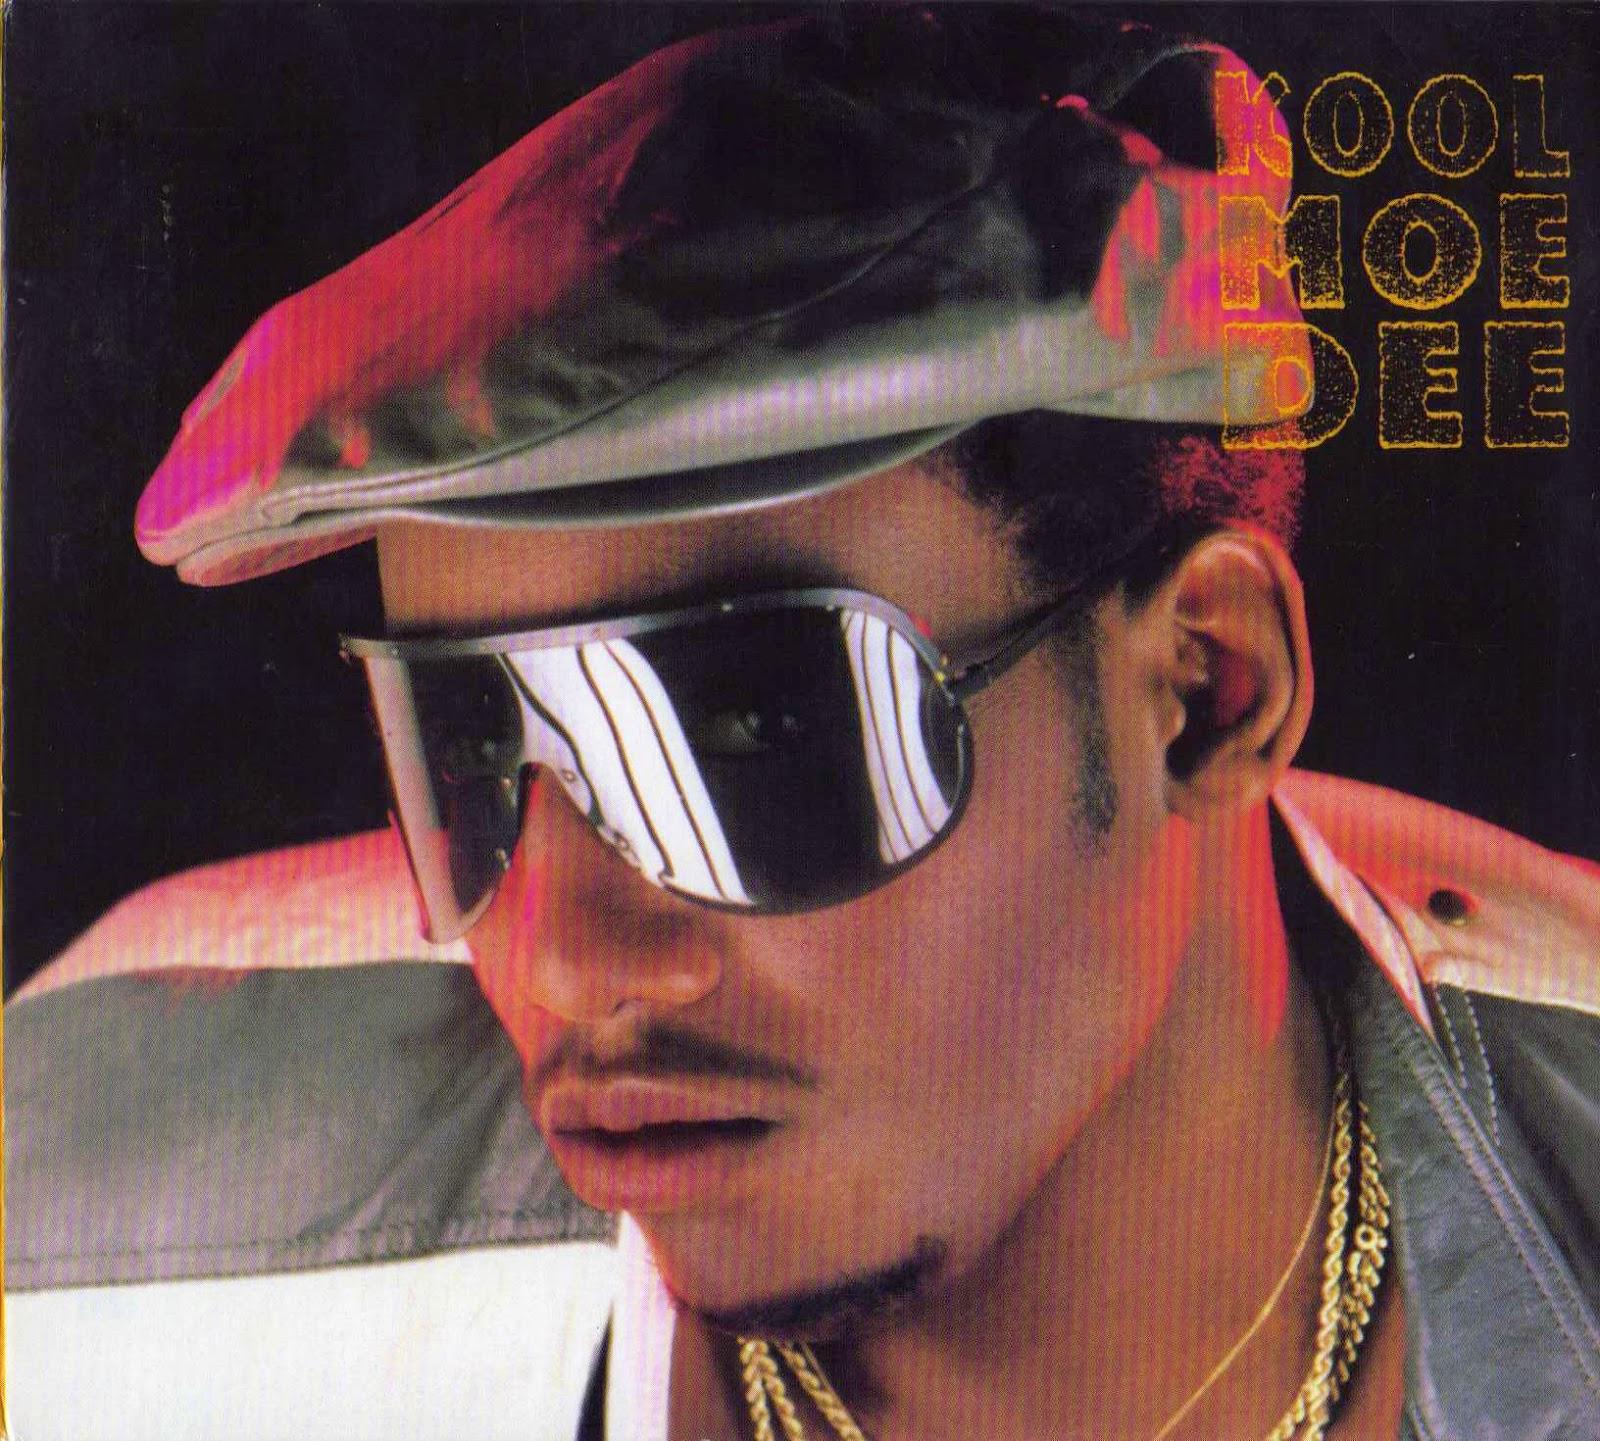 Kool Moe Dee – Kool Moe Dee (1986-2011 RE) (CD) (FLAC + 320 kbps)